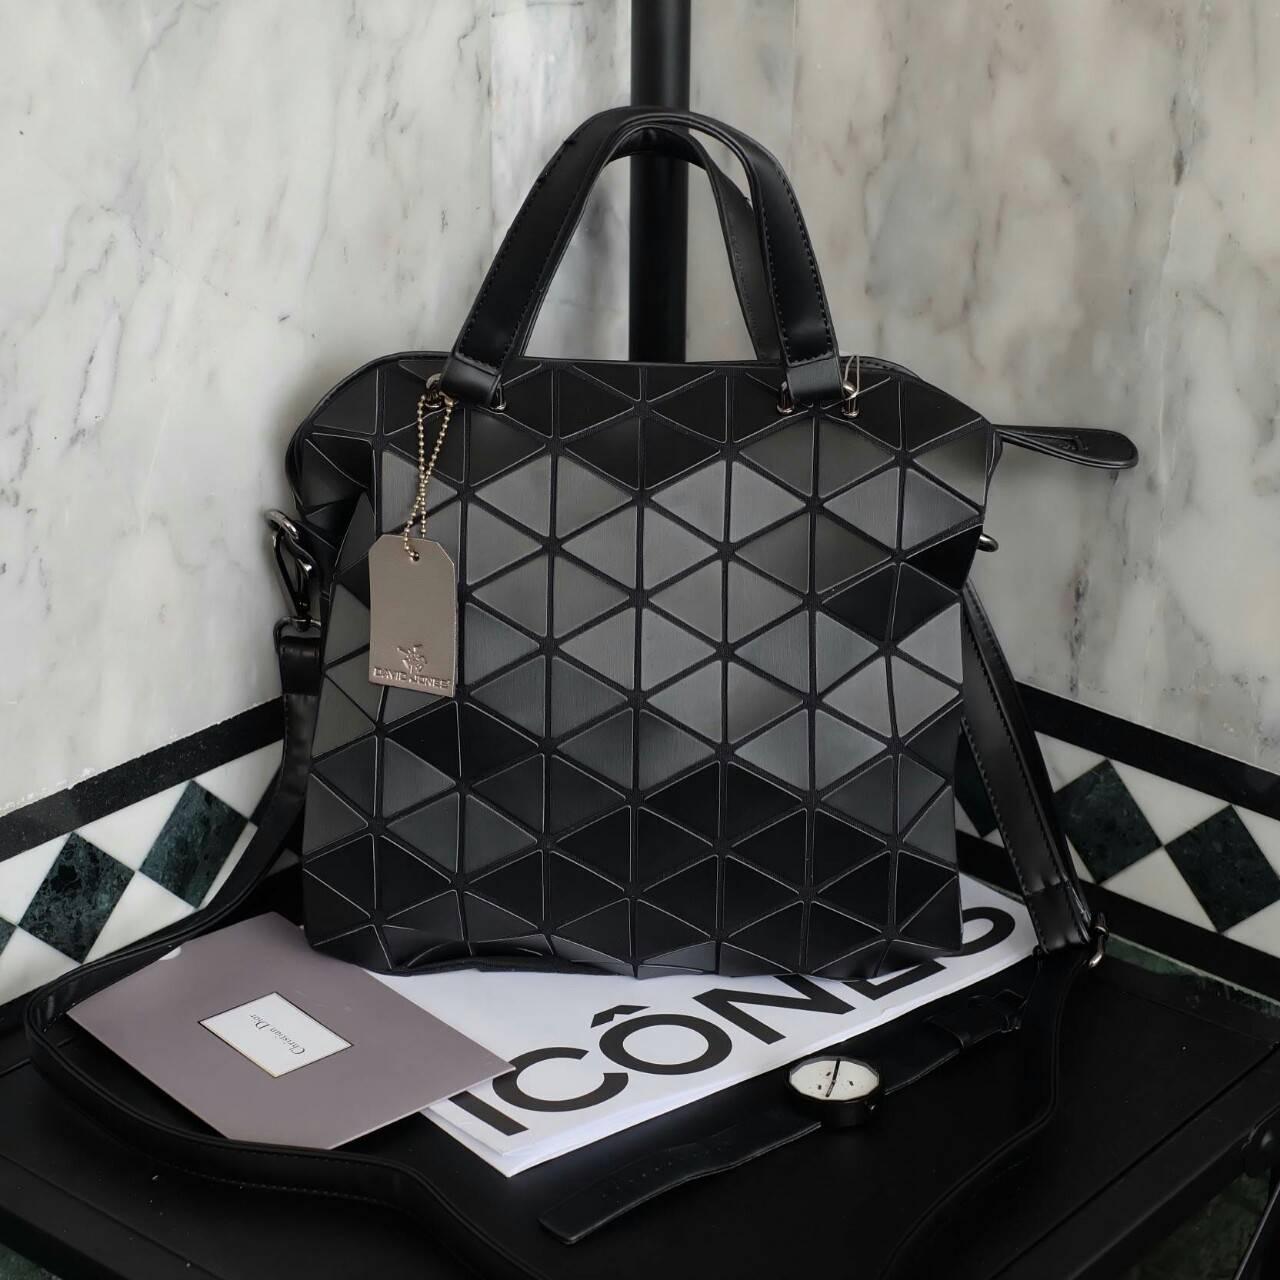 กระเป๋า David Jones Classic Tote Bag - Matte black ราคา 1,690 Free ems